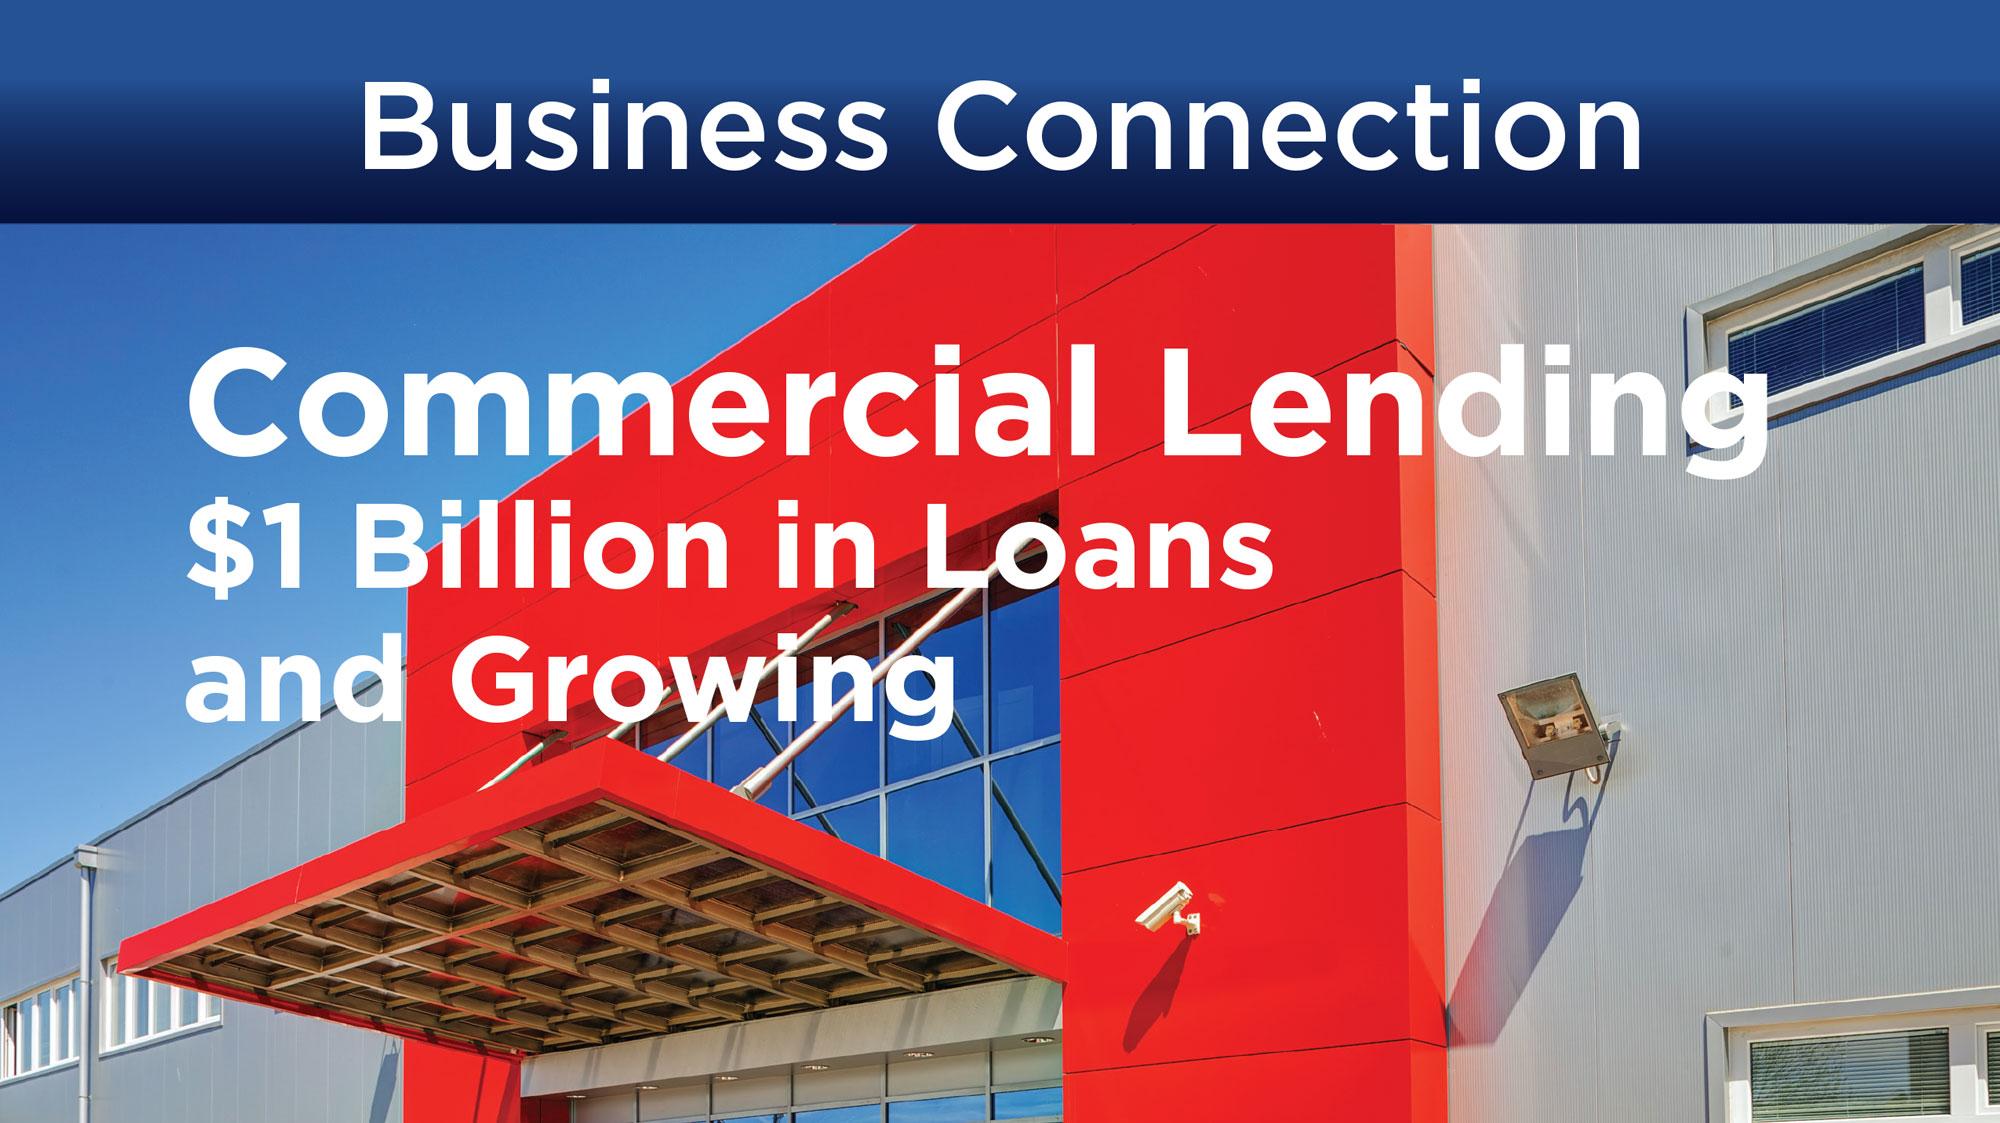 BusinessConnection-Newsletter-SpencerSavingsBank.jpg